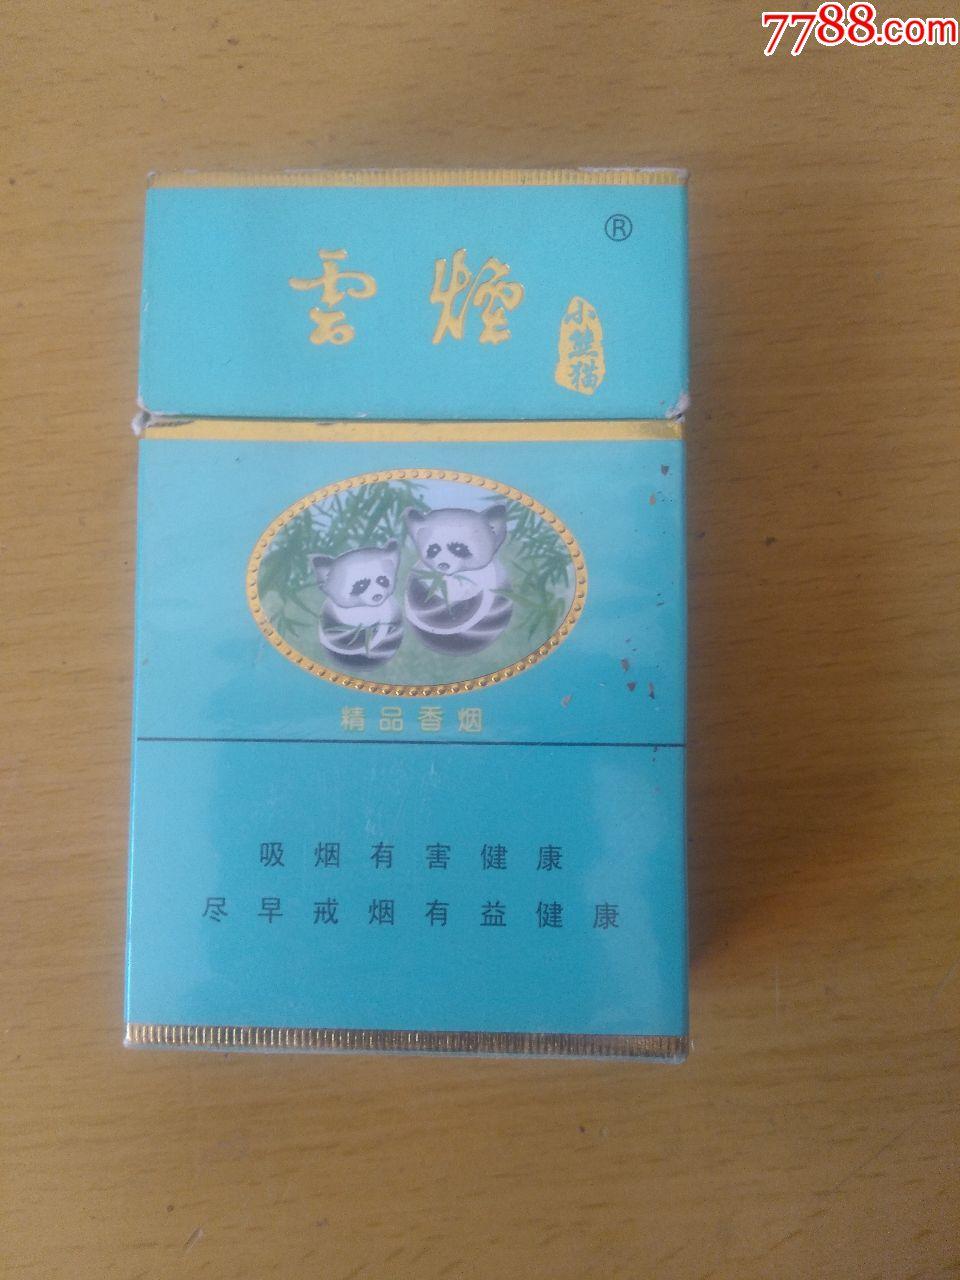 云烟小熊猫牌香烟_云烟小熊猫_烟标/烟盒_笑笑小憩【7788收藏__中国收藏